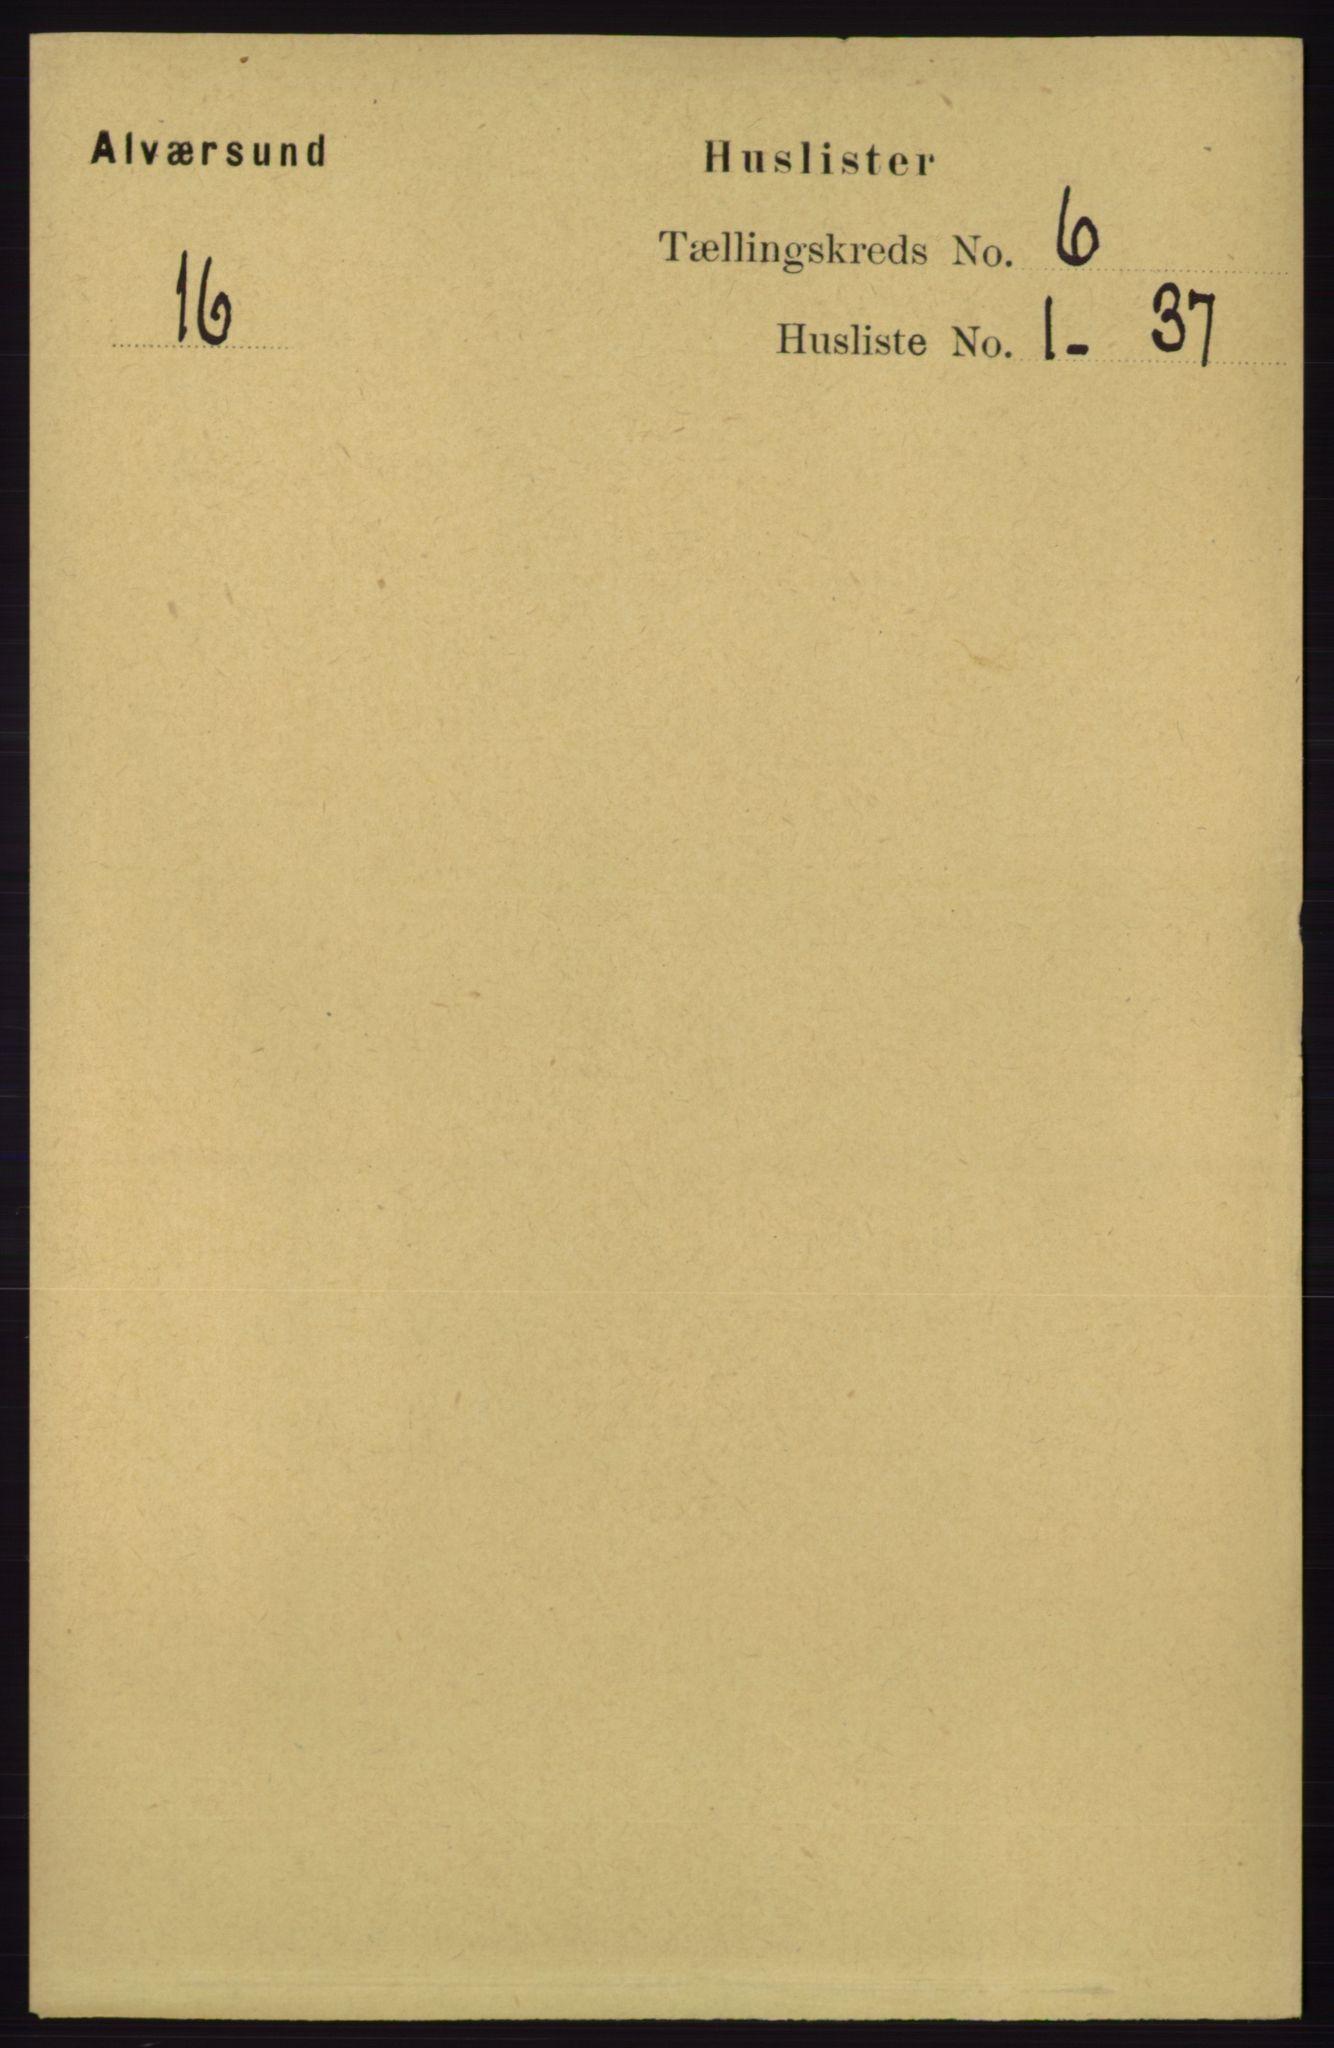 RA, Folketelling 1891 for 1257 Alversund herred, 1891, s. 2008